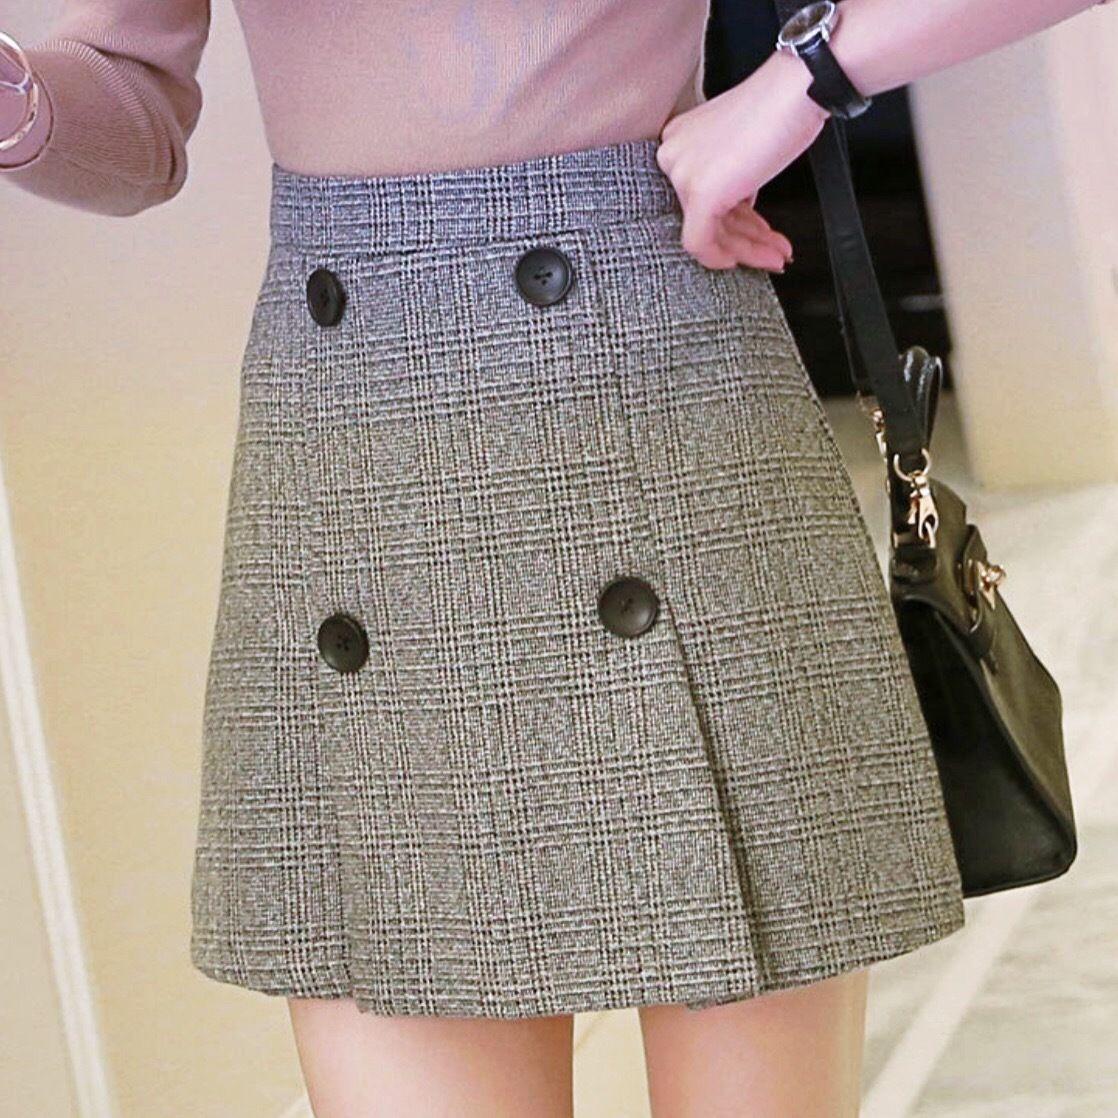 【ノーブランド品】全3サイズ ボタン付きミニスカート シンプル